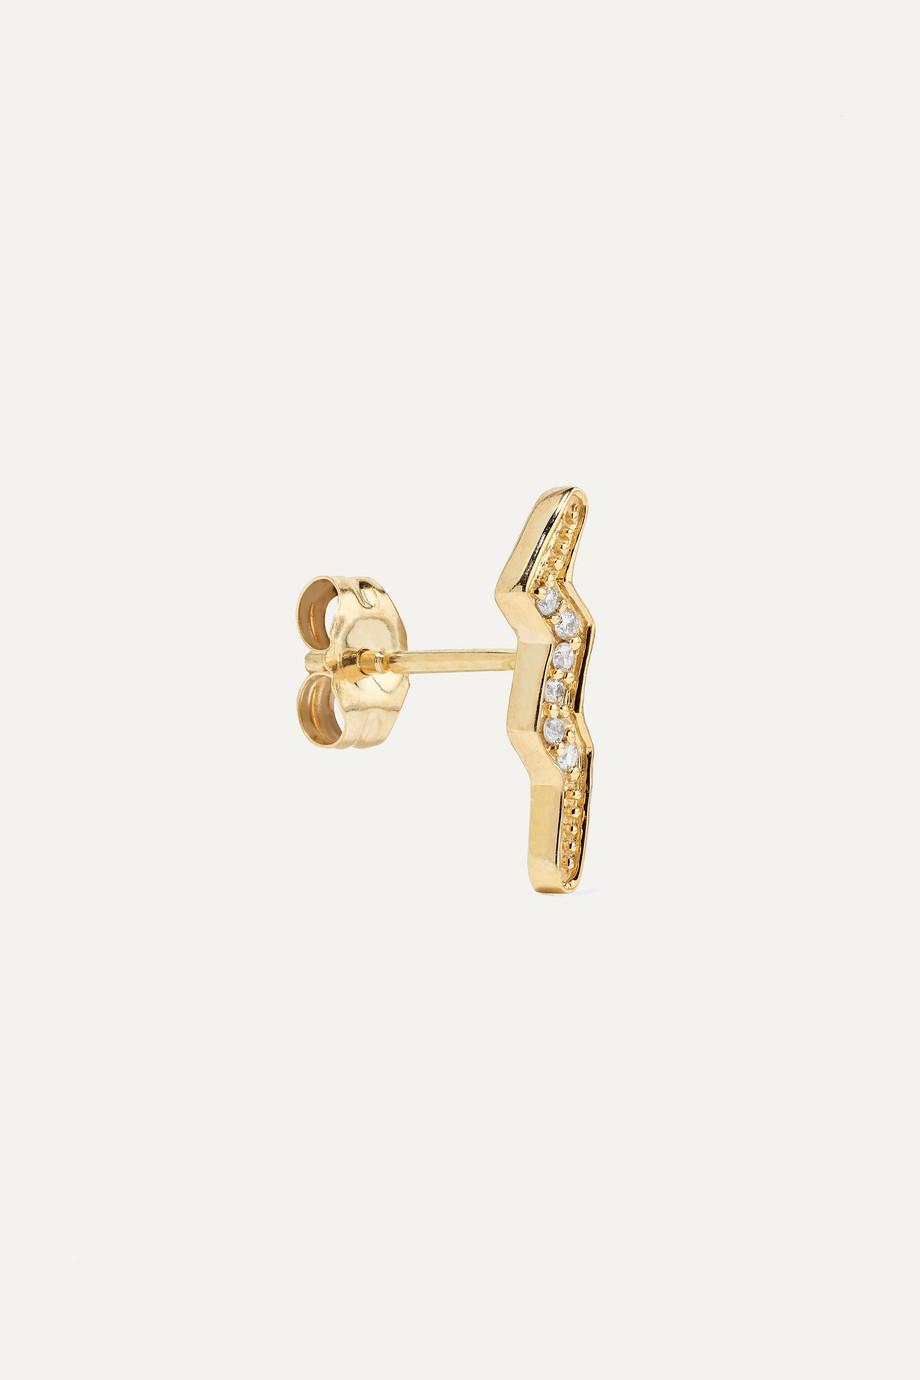 Andrea Fohrman Boucle d'oreille en or 14 carats et diamants Mini Lightning Bolt